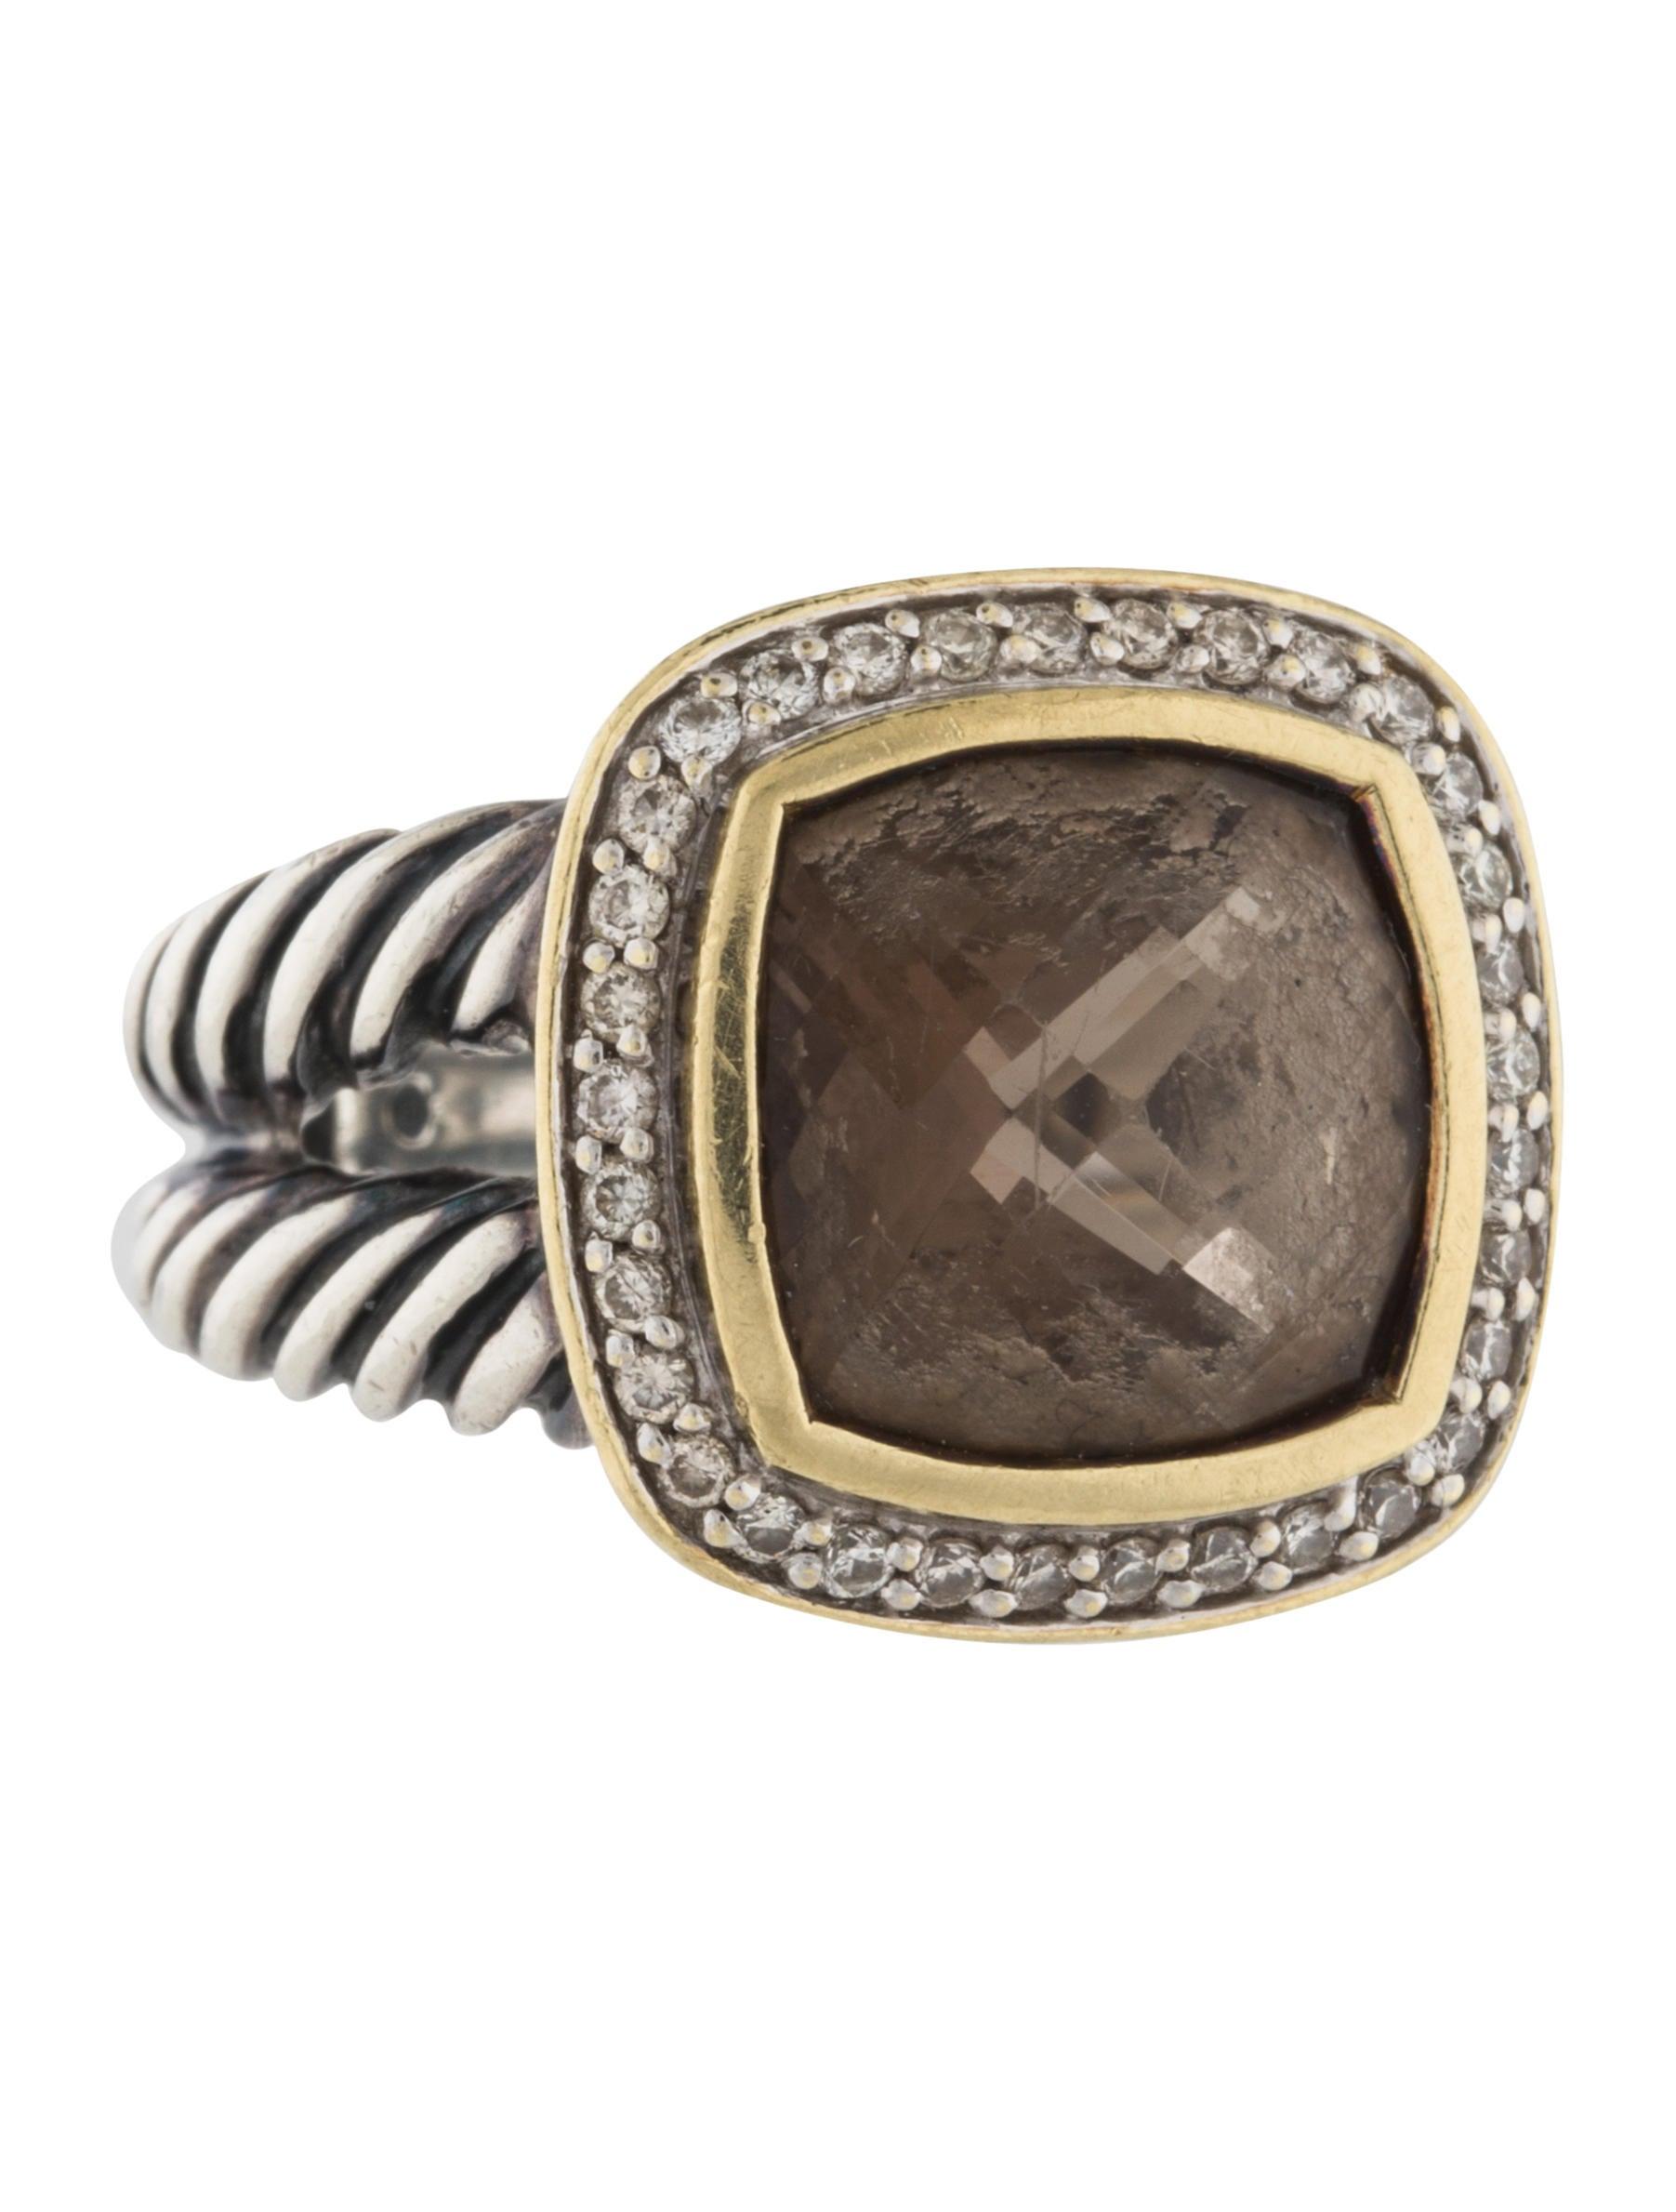 David yurman smoky quartz diamond albion ring rings for David yurman inspired jewelry rings